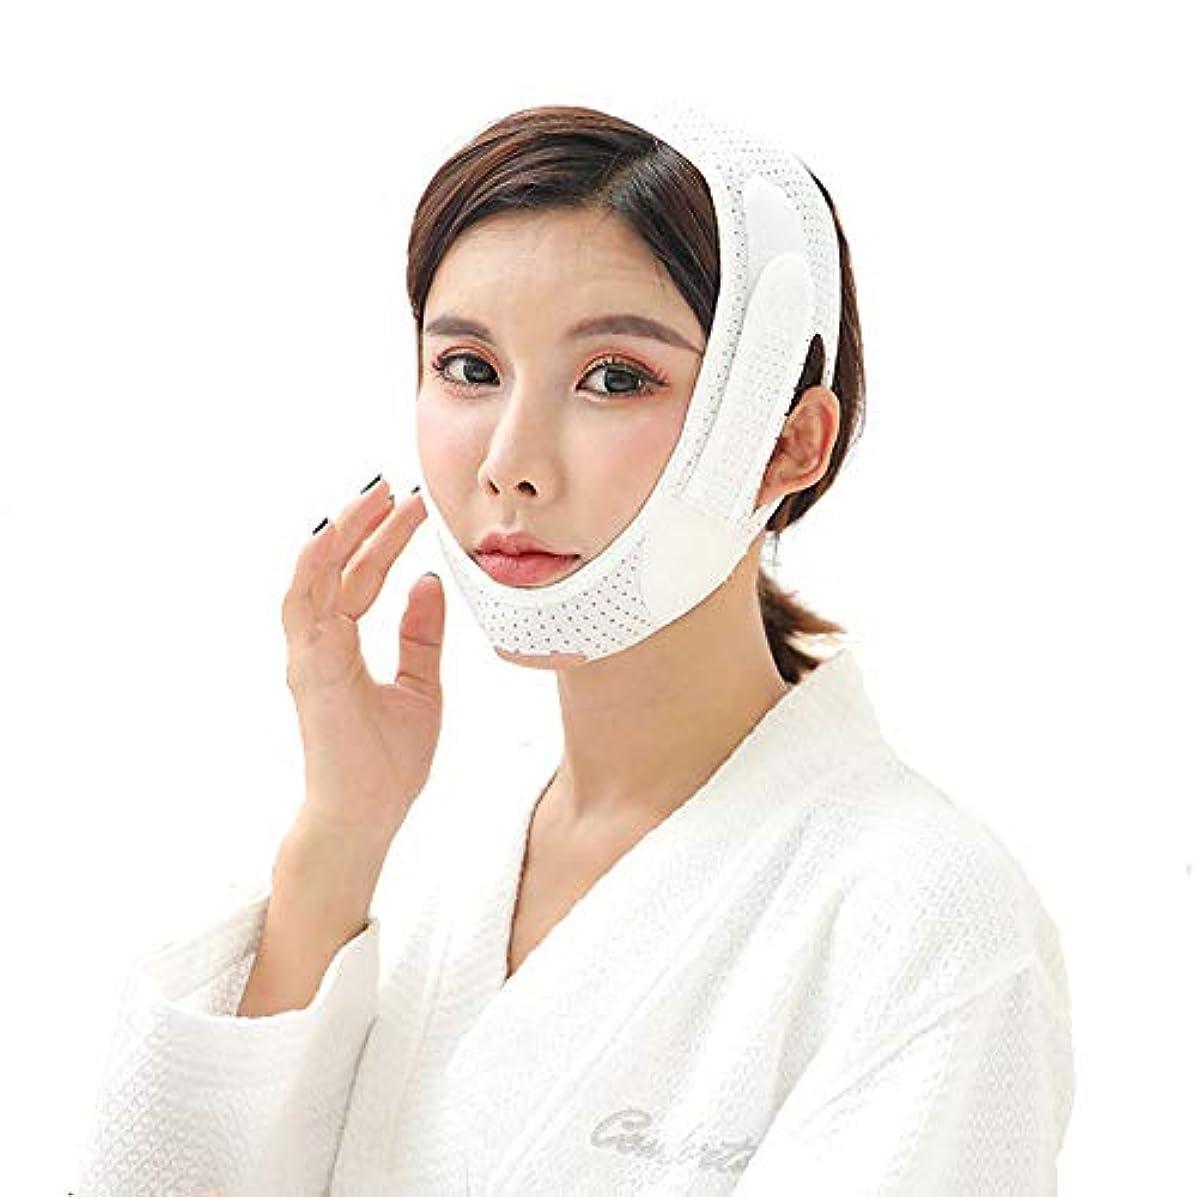 コード水分貢献するアンチリンクルフェイスリフトスリミングチークマスク、ダブルチンレデューサー、フェイススリミングマスク用女性Vフェイスチンチークリフトアップフェイススリムマスク超薄型ベルトストラップバンド耐久性と便利